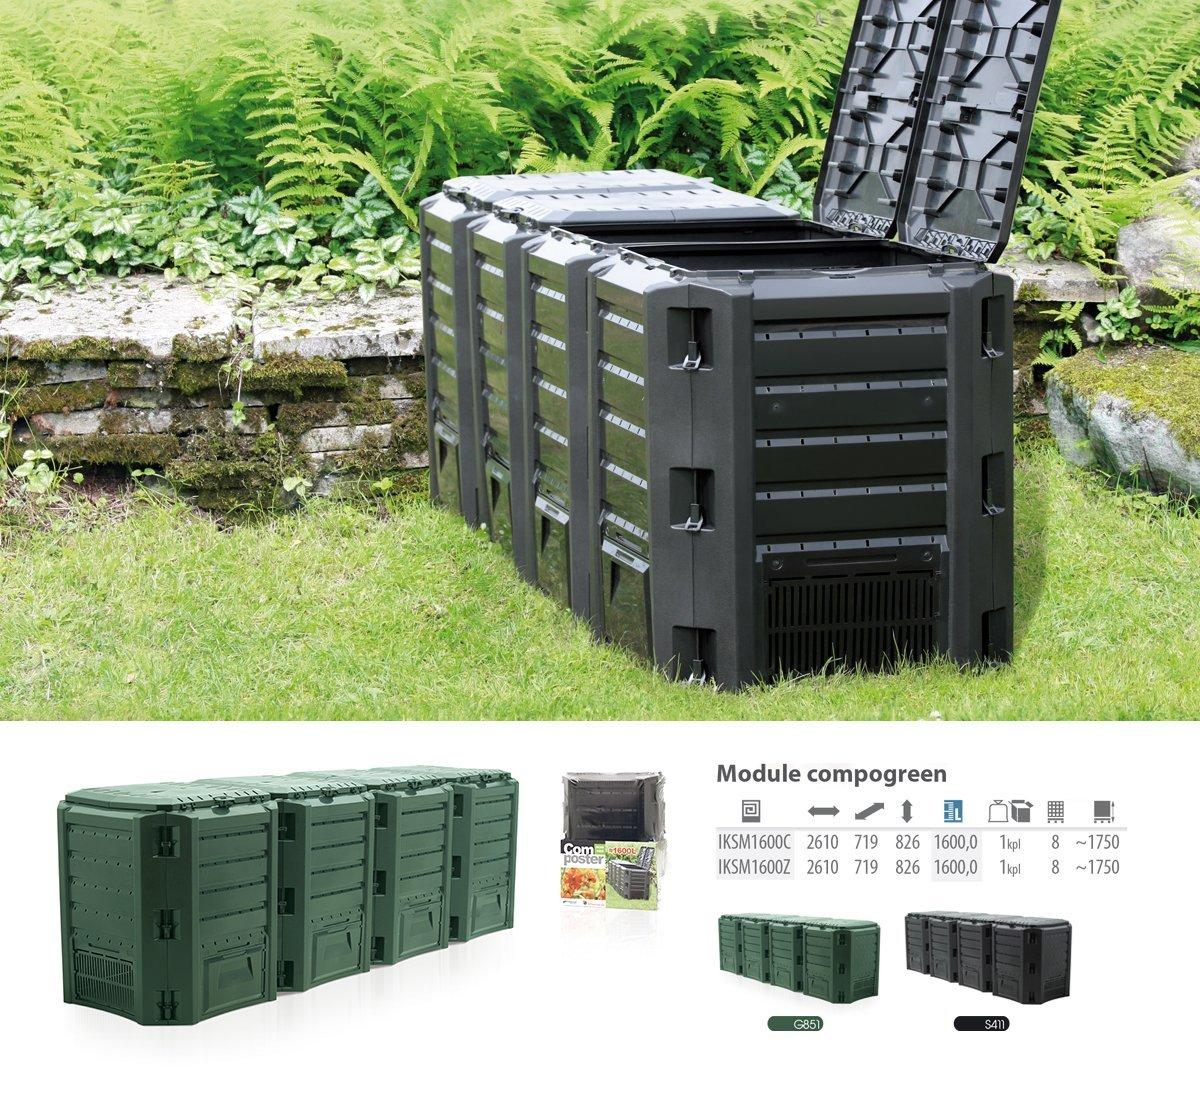 Prosperplast nbsp; –Compostiera da 1600L con materiale di alta qualità e resistente IKSM1600C-S411